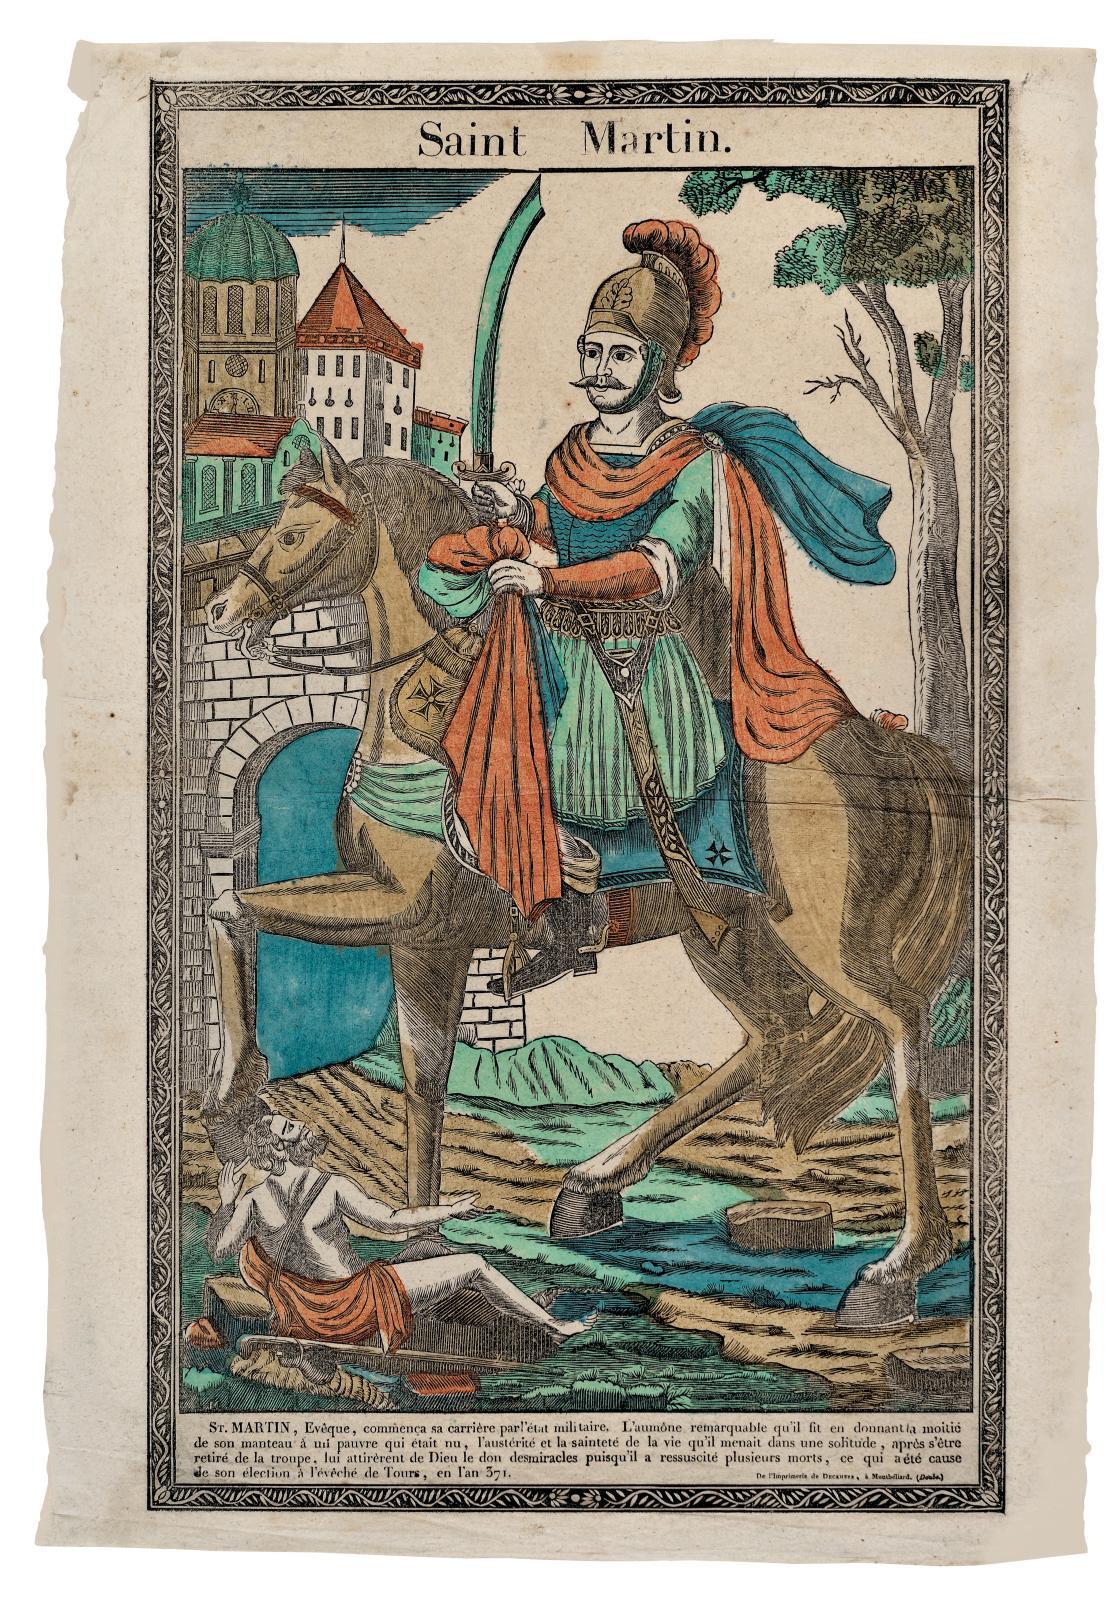 Saint Martin, à Montbéliard de l'imprimerie de Deckherr (vers 1820-1830), 56,5 x 34 cm.